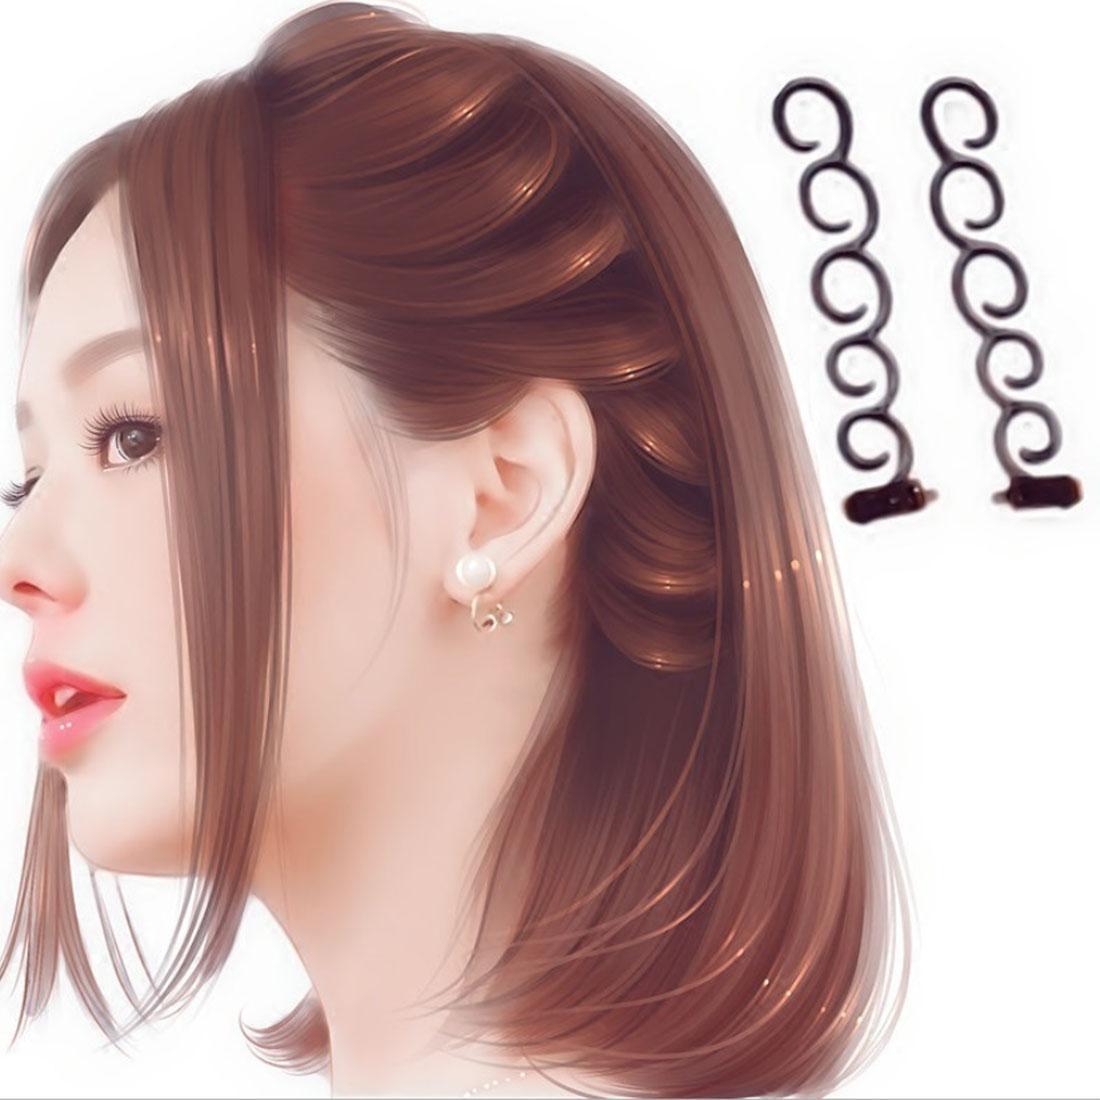 Blume Magie Haarspange Stylist Queue Twist Zopf Diy Frisur Styling Zubehör Zufällige Farbe Französisch Eleganz Haar Flechter 10 stücke Weihnachten